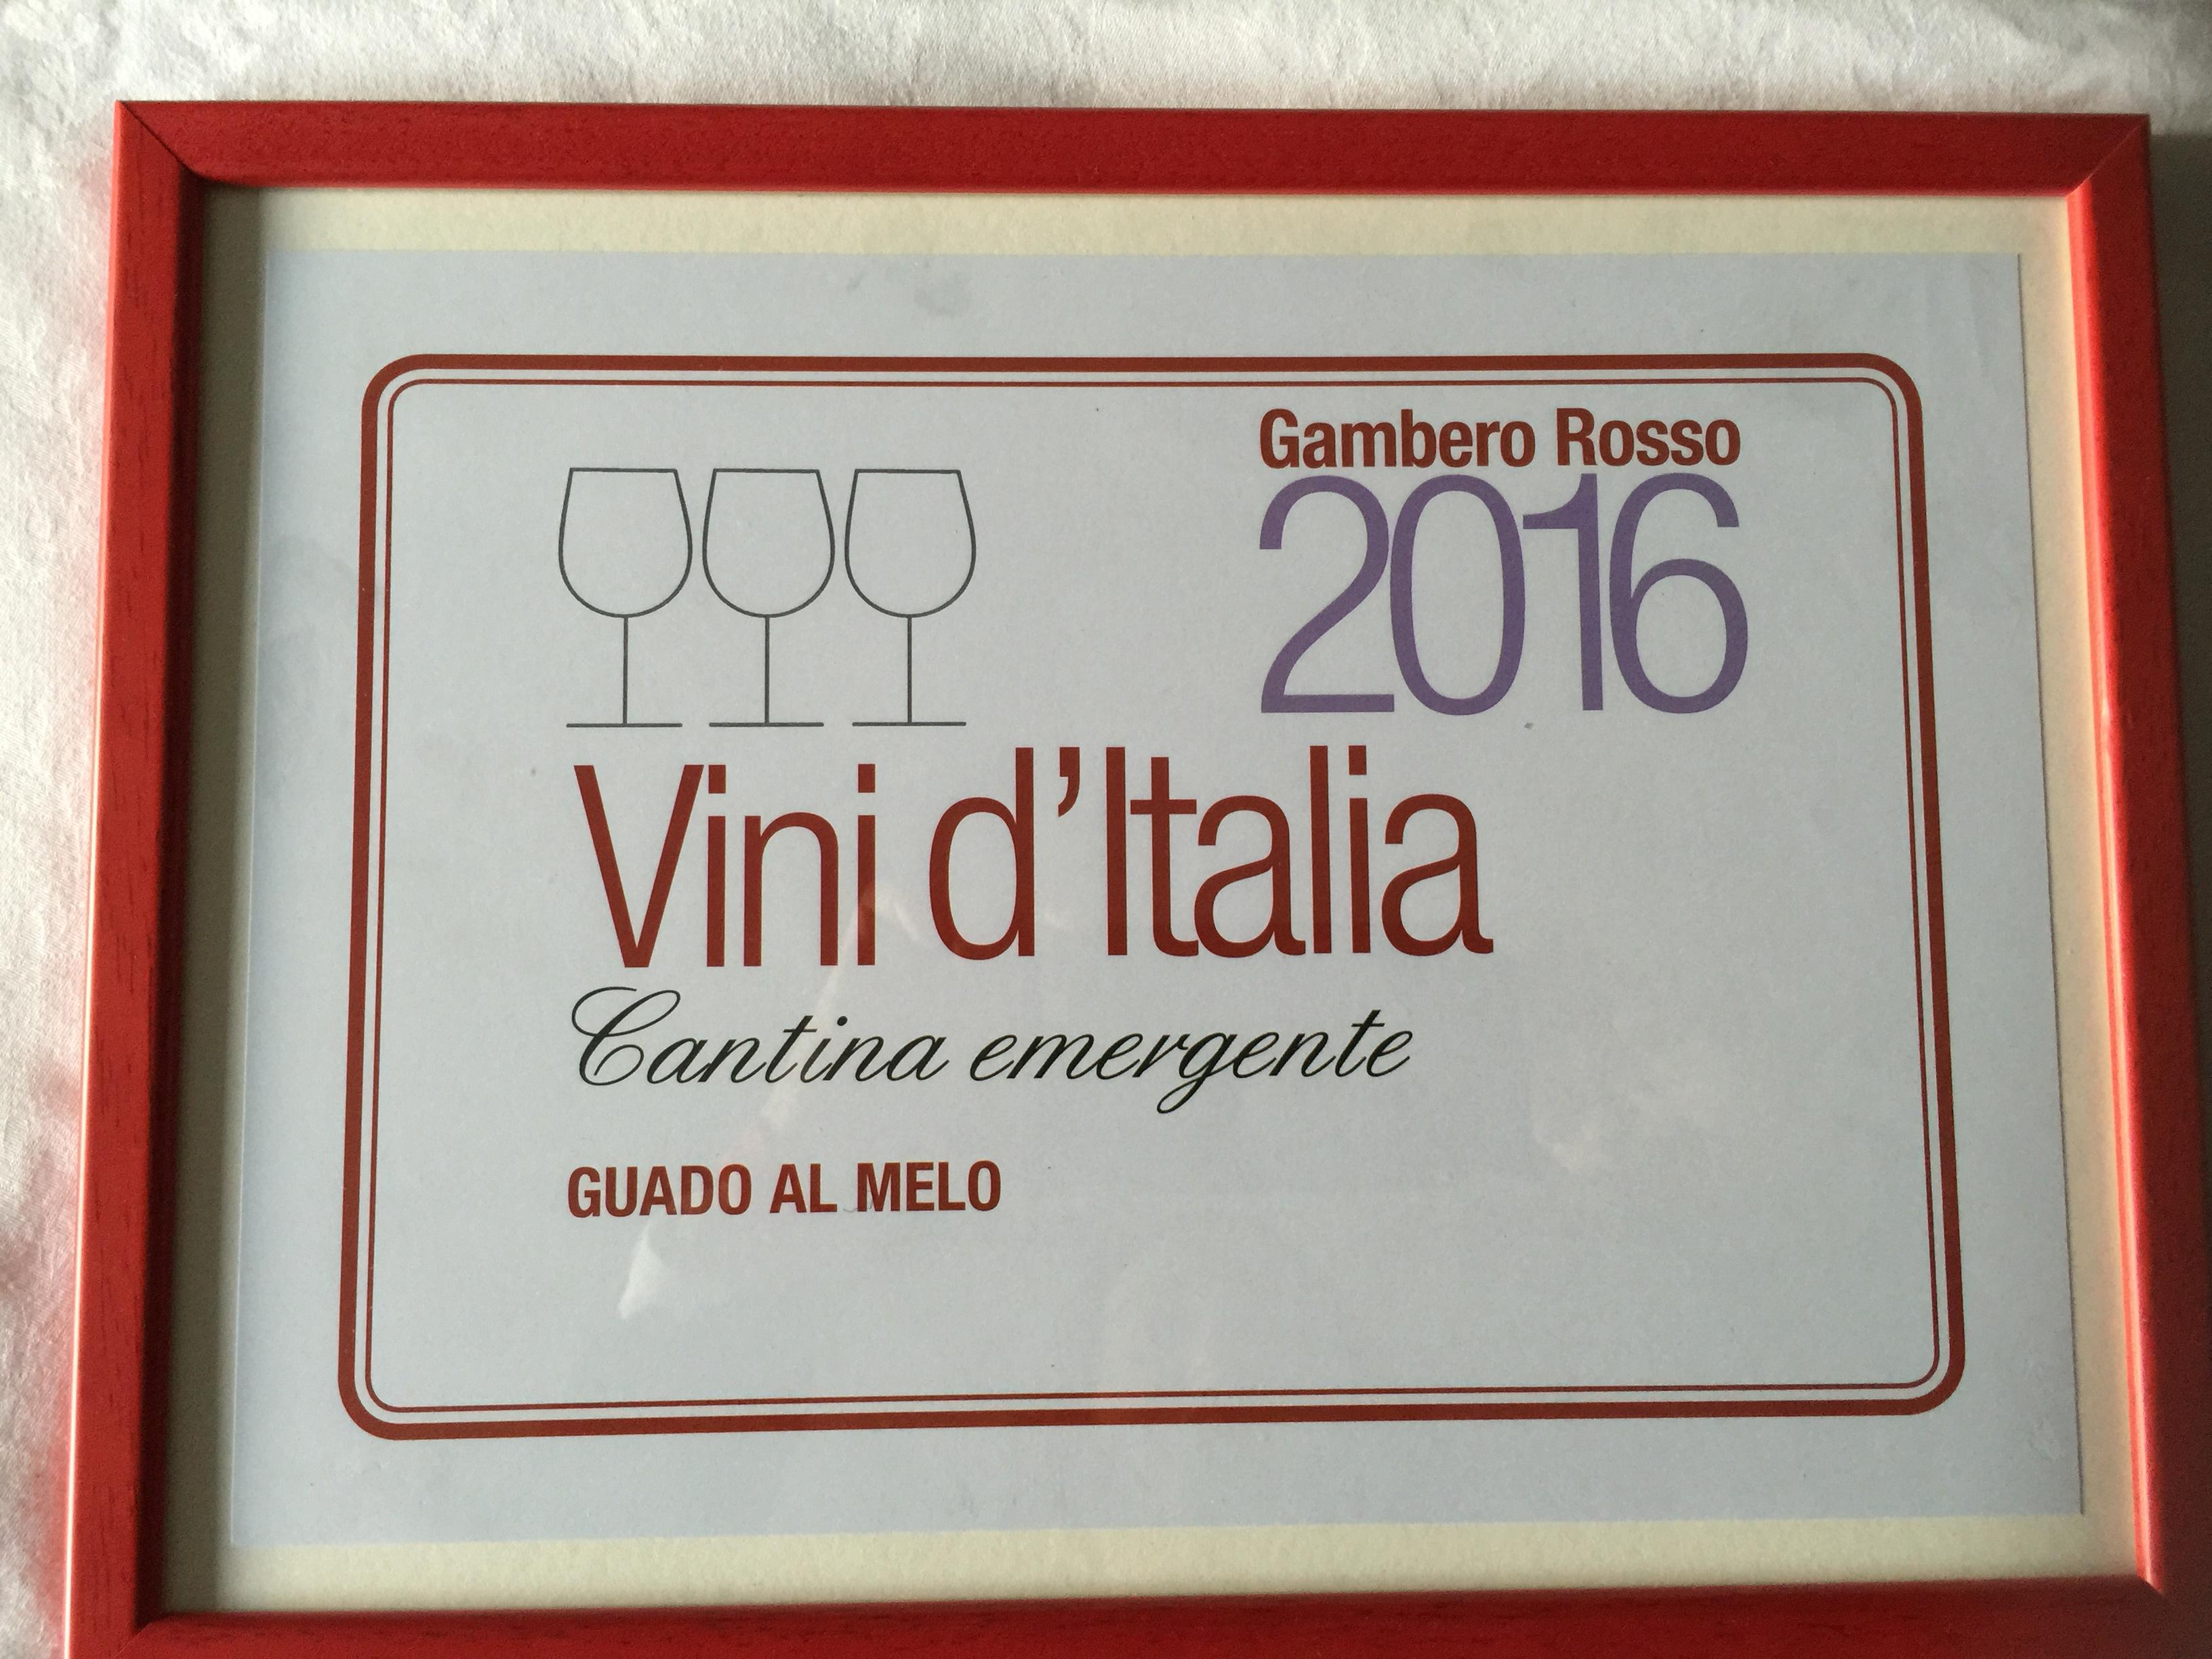 Premio Speciale 2016 Cantina Emergente (2)